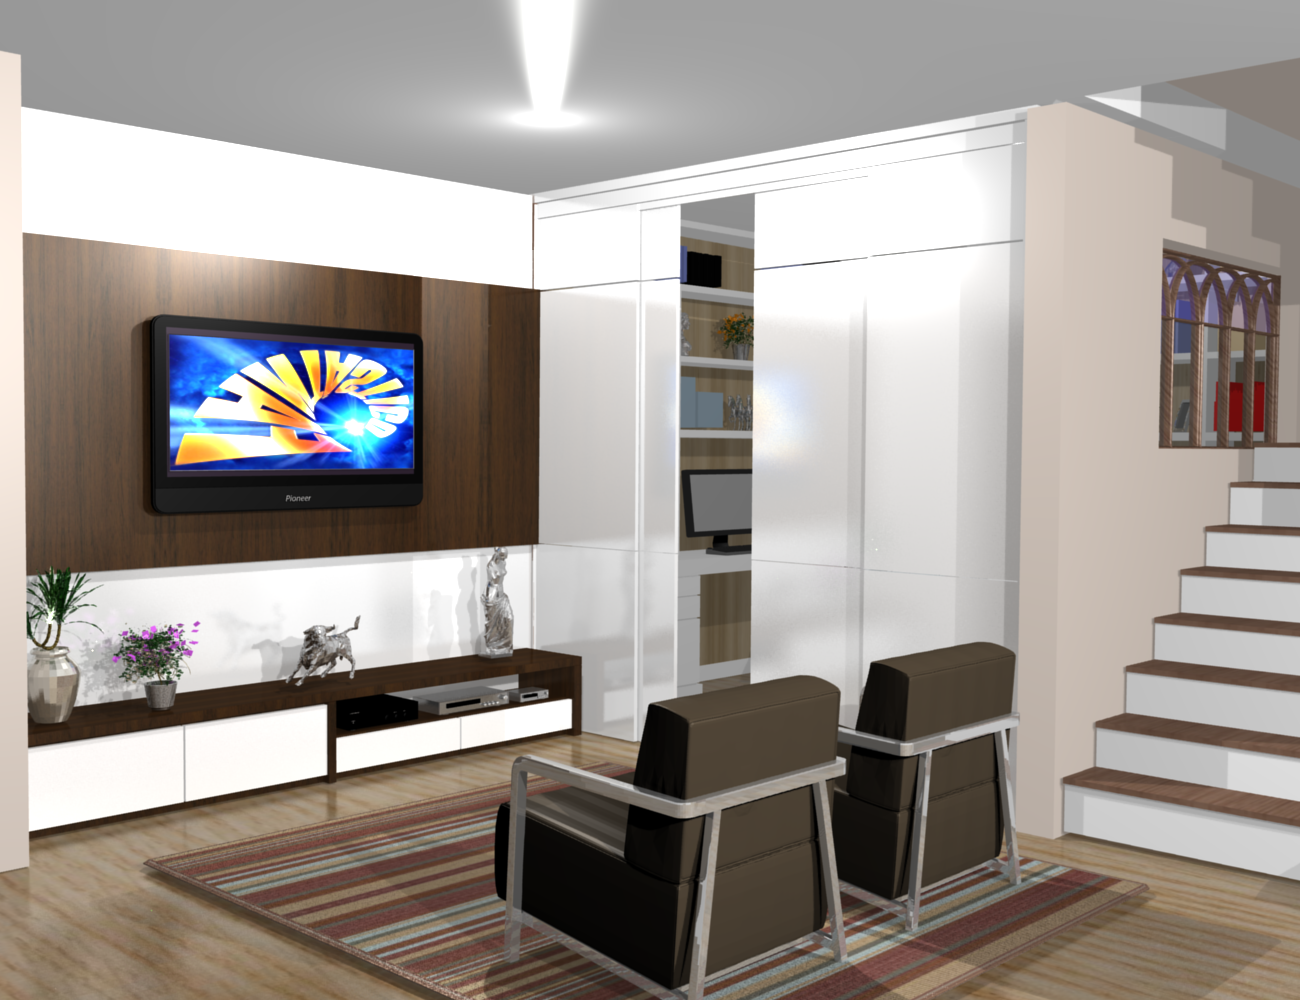 Móveis planejados Marcenaria sob medida armários cozinha banheiro  #0751C4 1300 1000